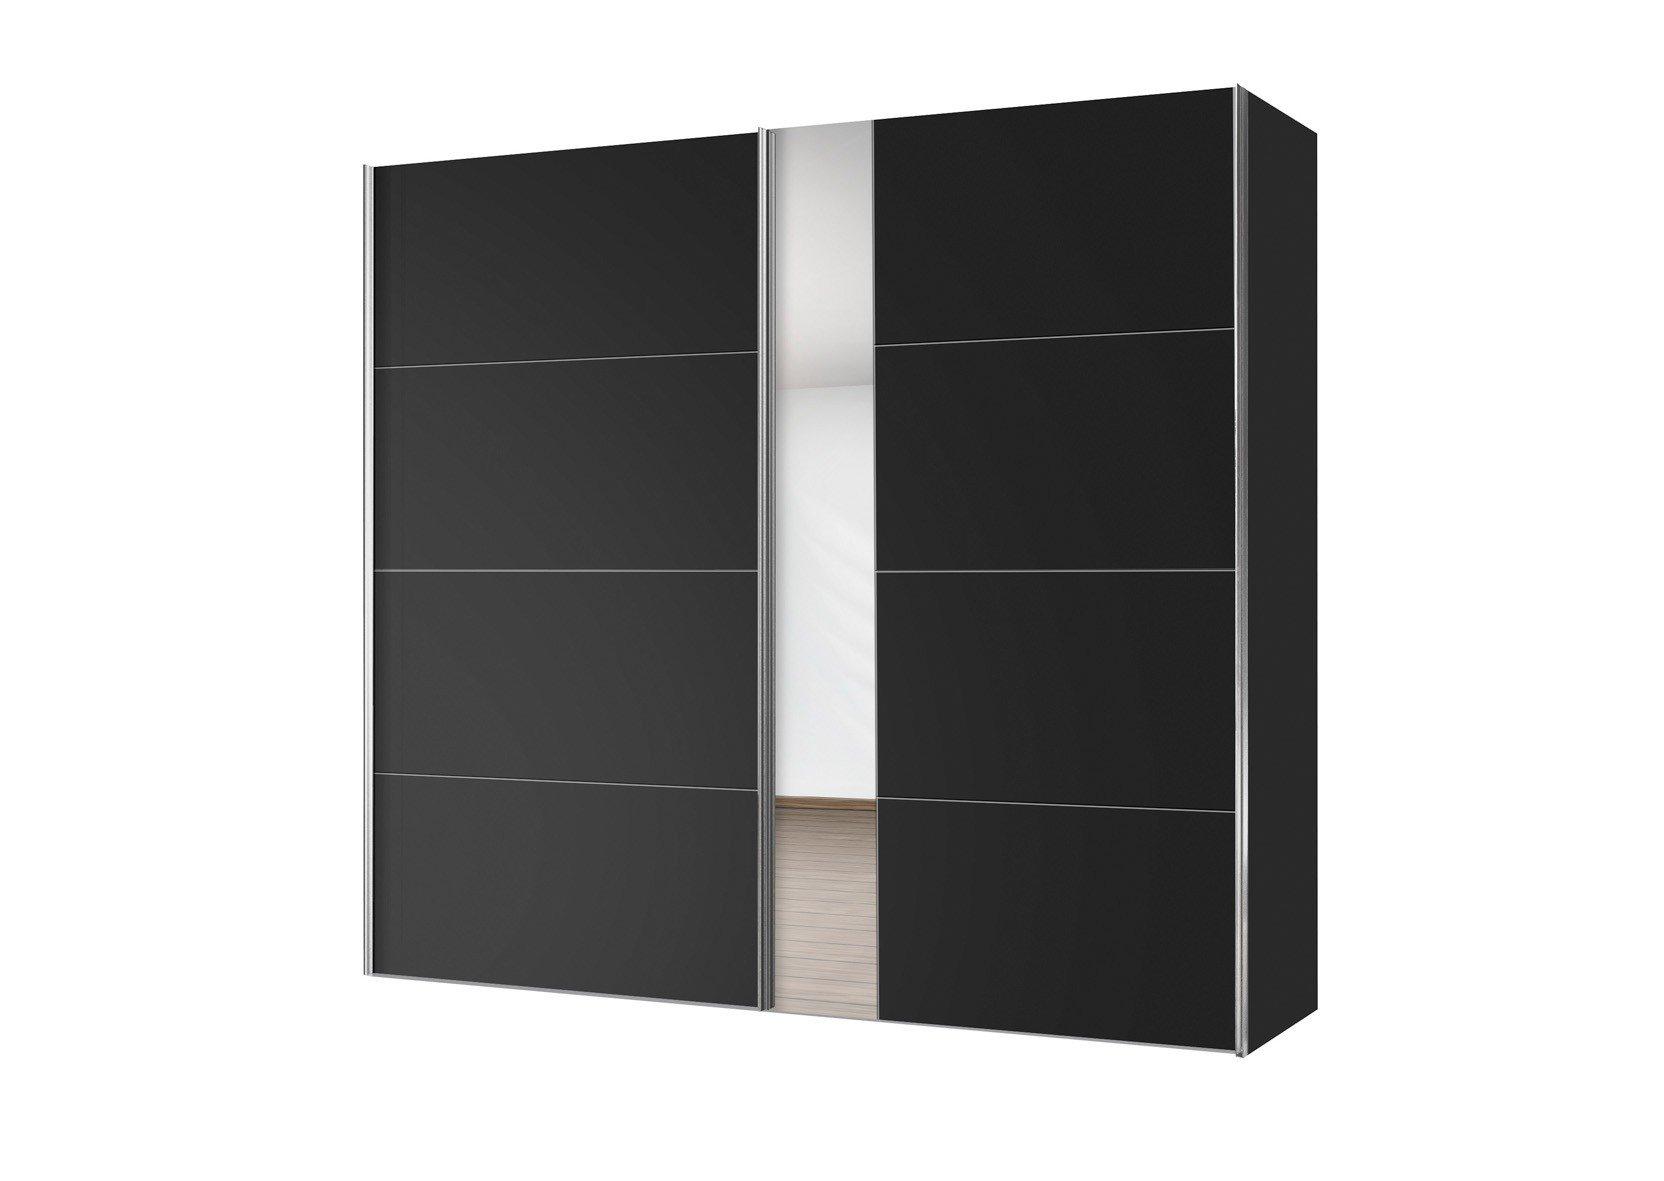 Schwebetürenschrank schwarz  Express Madrid Kleiderschrank schwarz | Möbel Letz - Ihr Online-Shop